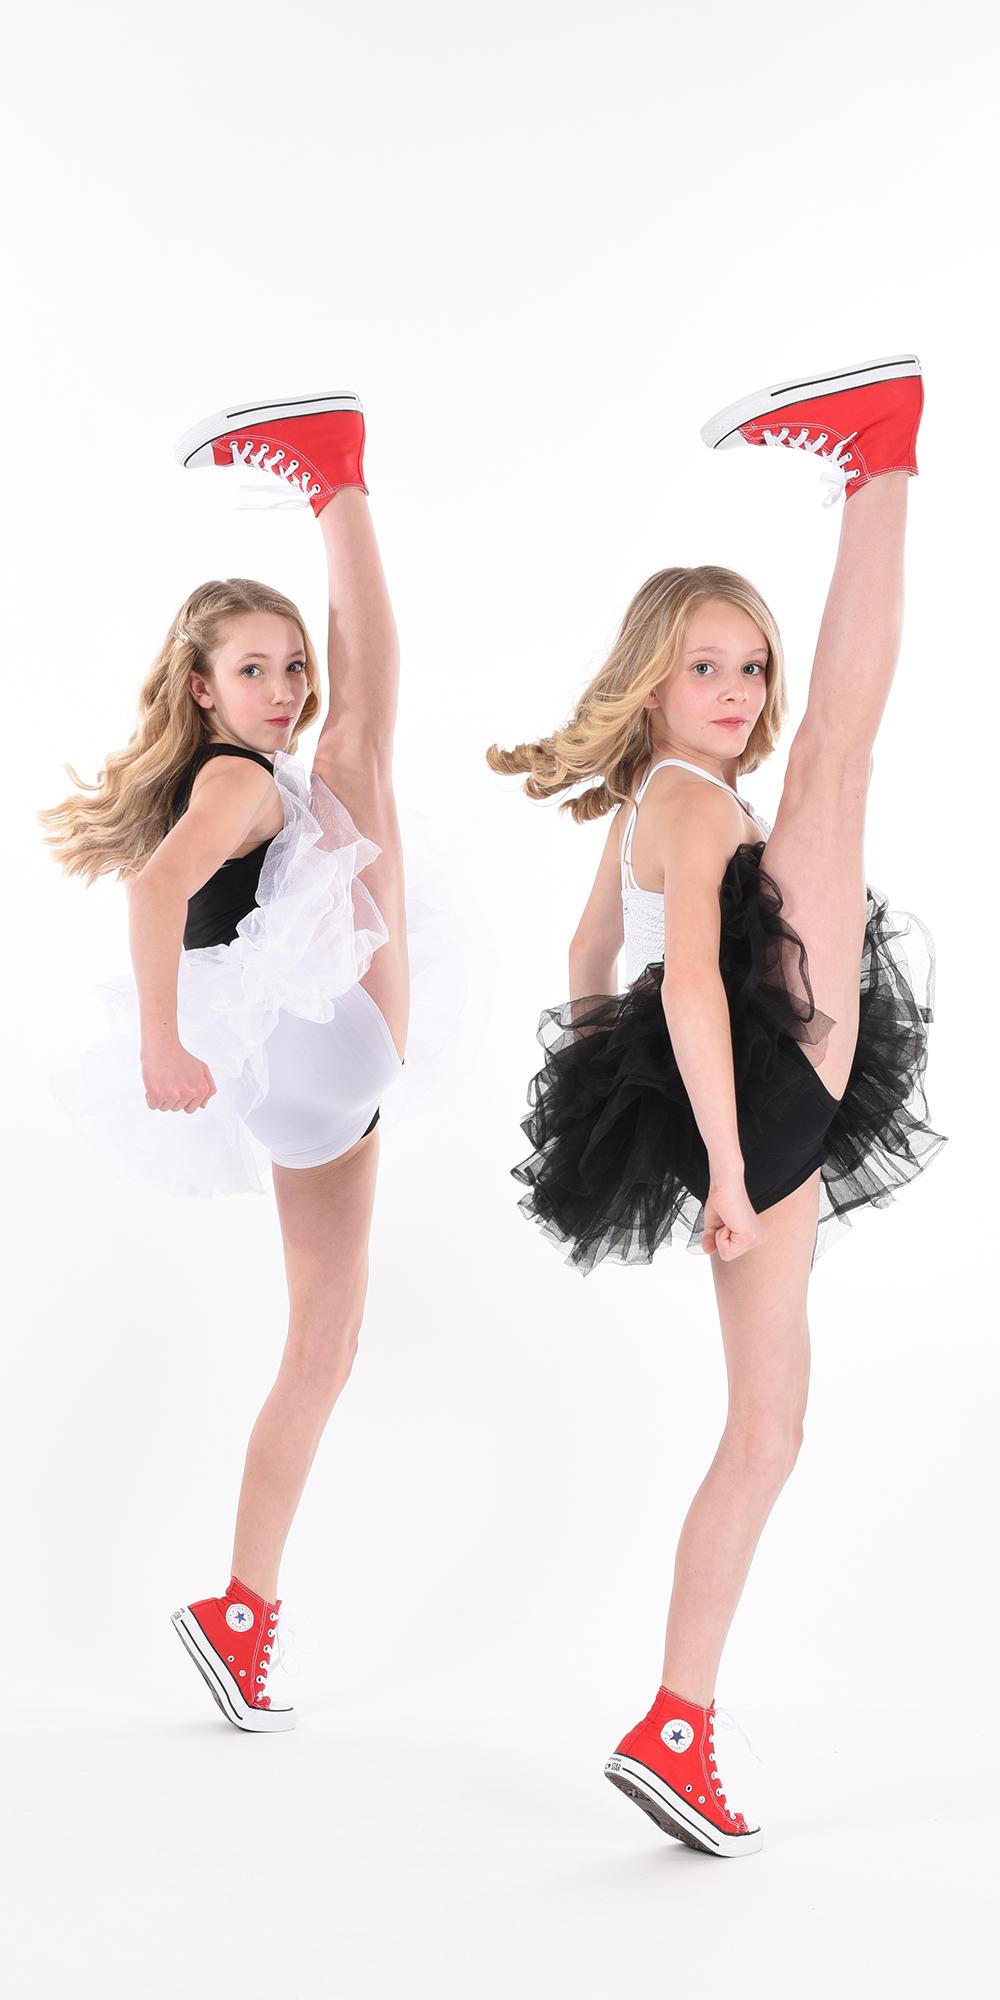 Sisters Kicking